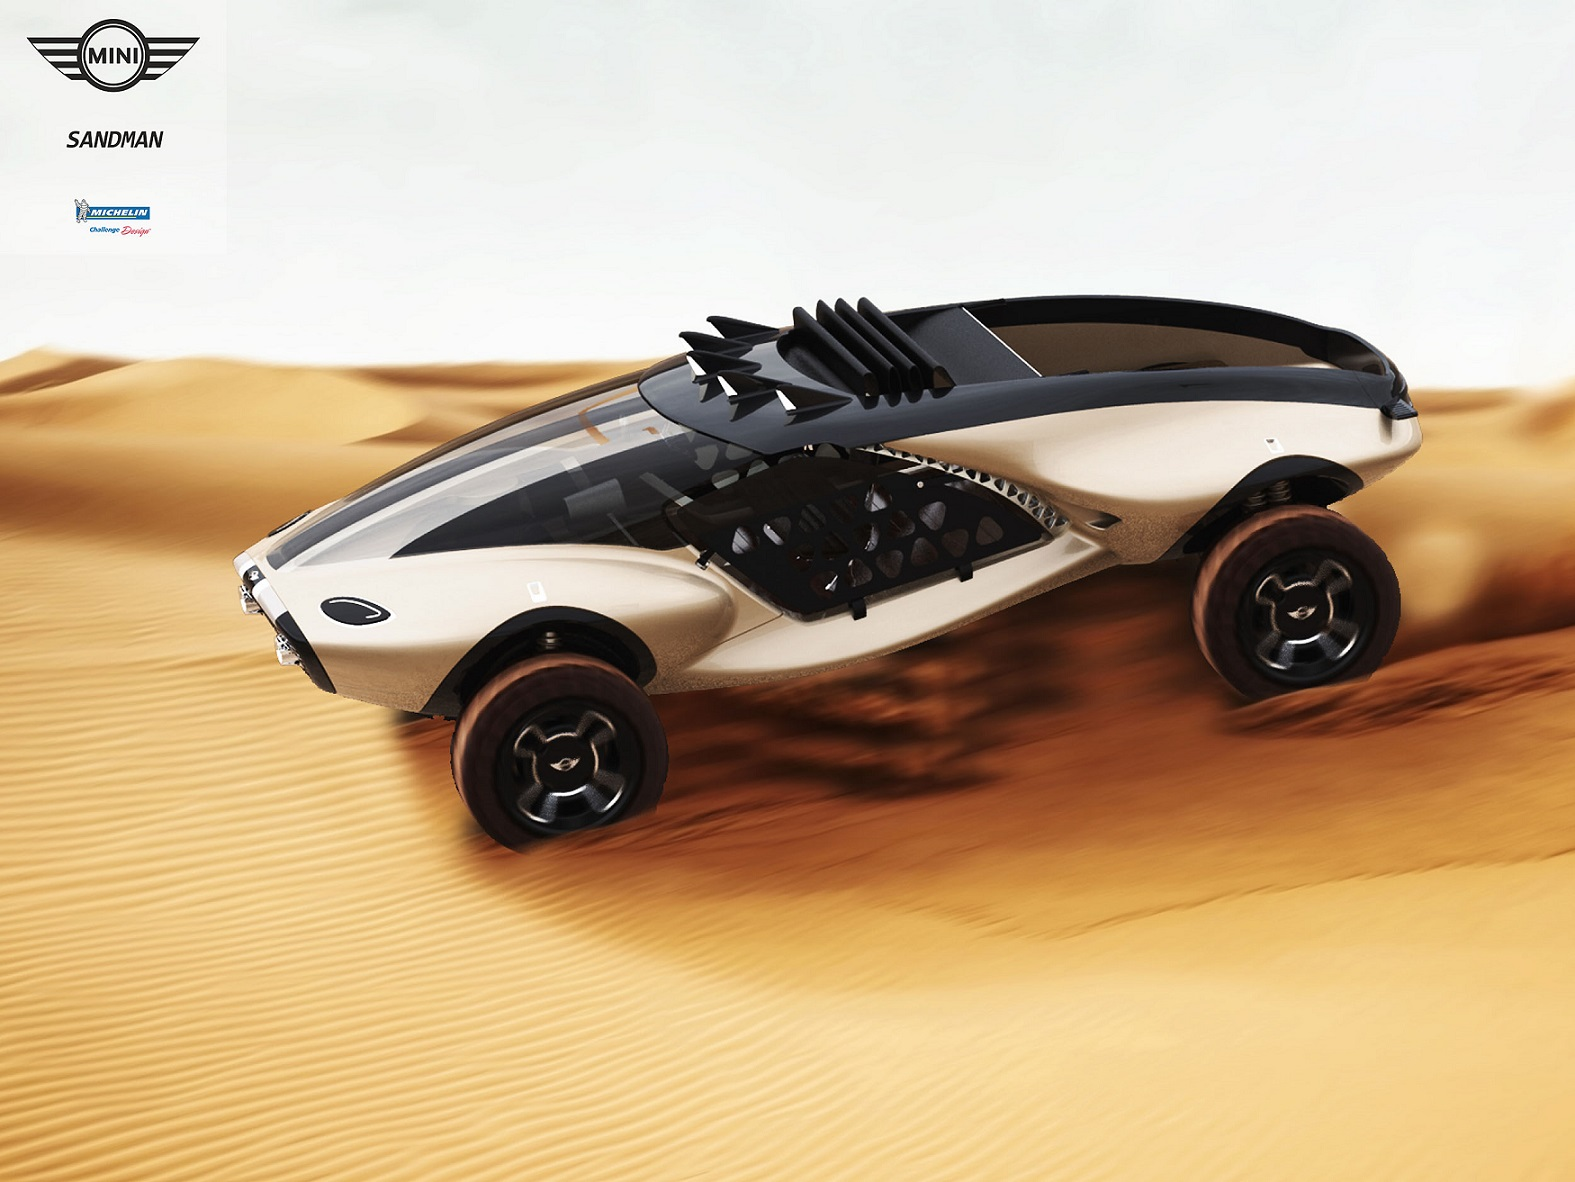 Um dos utilitários do futuro, numa versão feita por designers para o concurso promovido pela francesa Michelin. Foto Divulgação